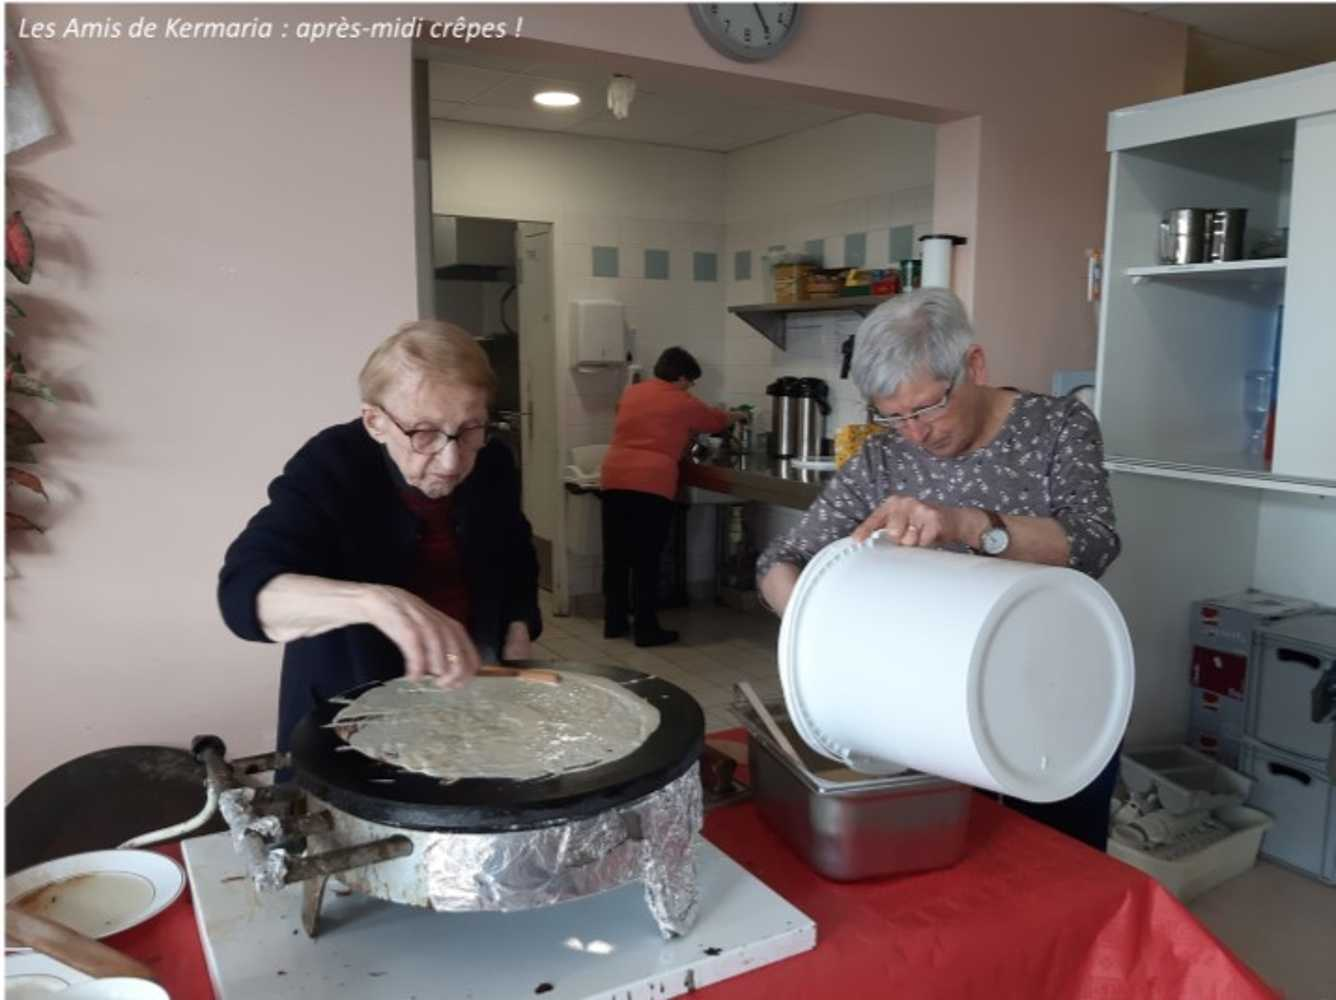 Les Amis de Kermaria : photos de l''après-midi crêpes ! image4